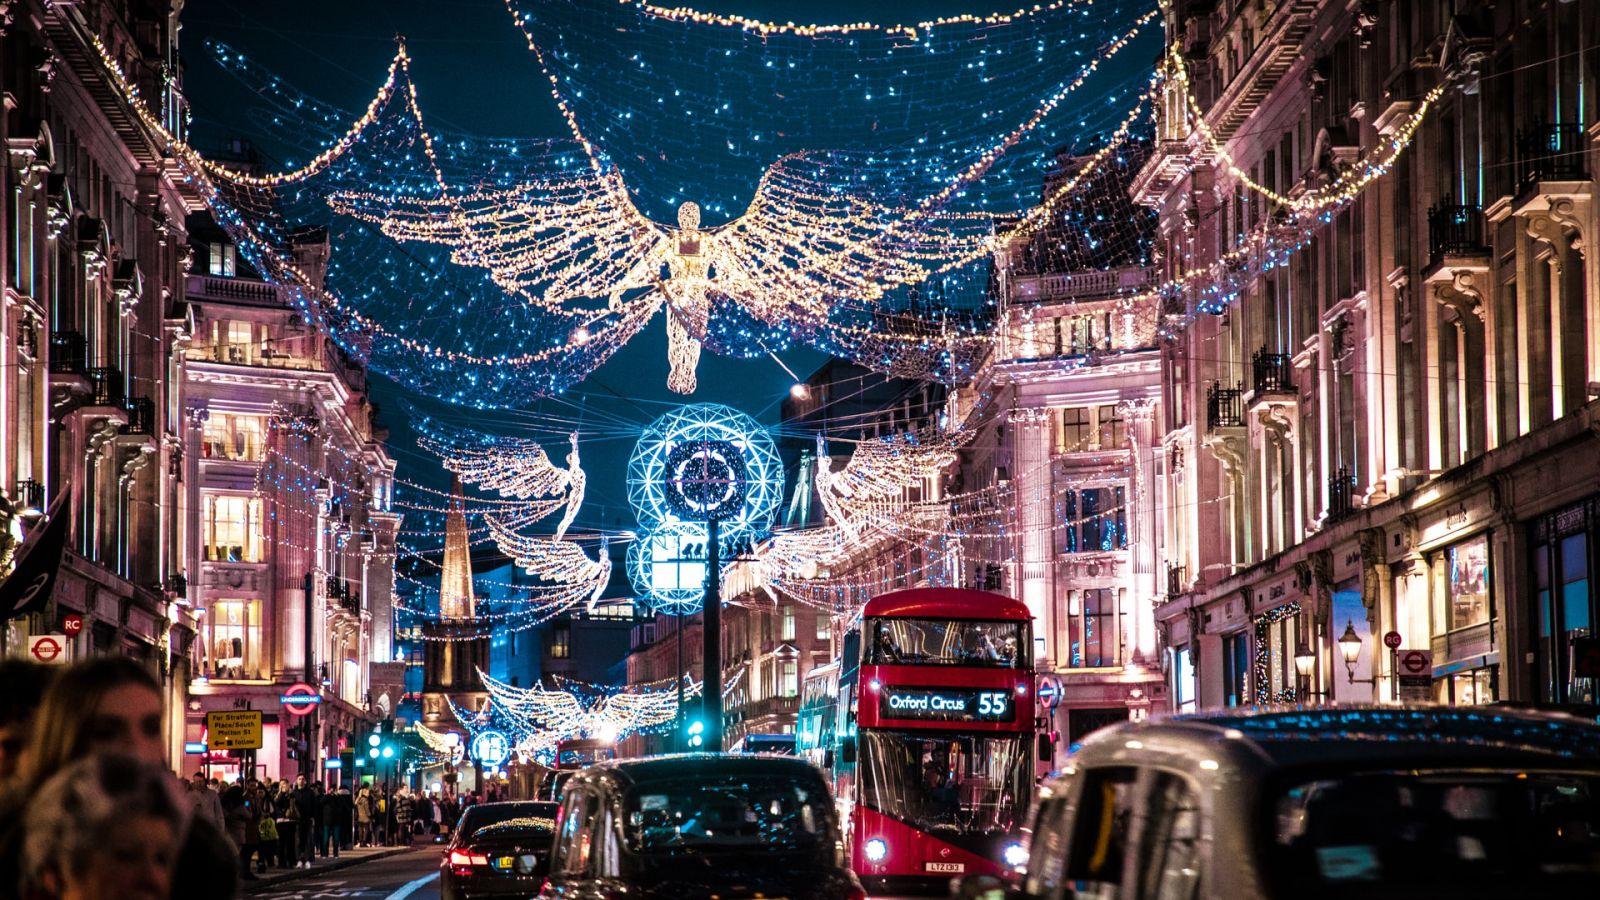 Λονδίνο: Ο πανέμορφος στολισμός της πόλης θα σας φτιάξει τη διάθεση [vid]